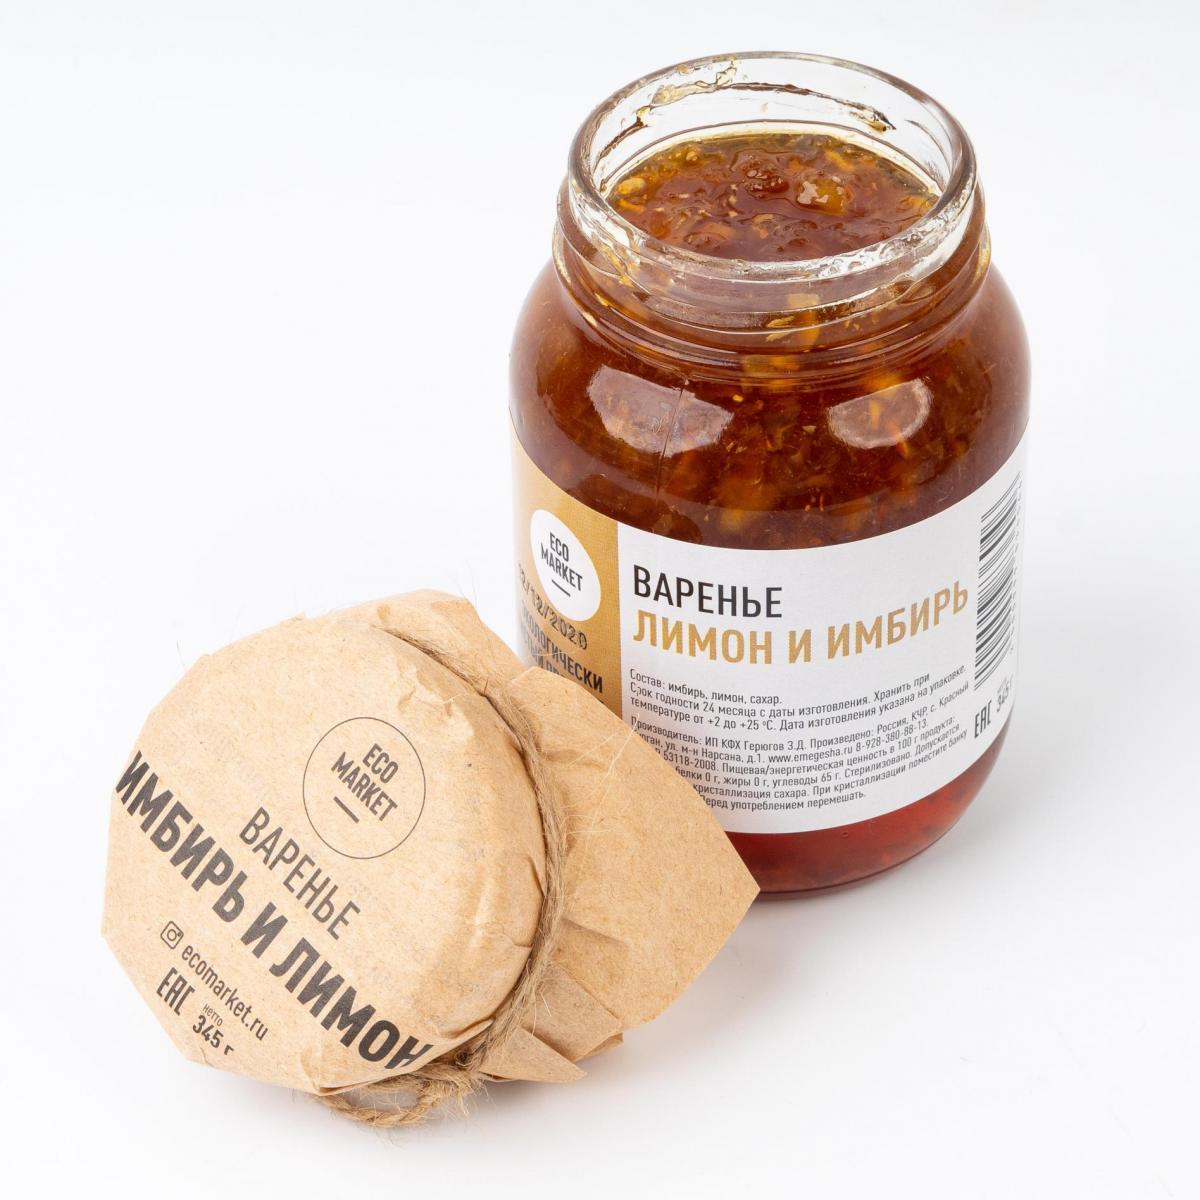 Варенье из имбиря и лимона Ecomarket.ru - 345 г